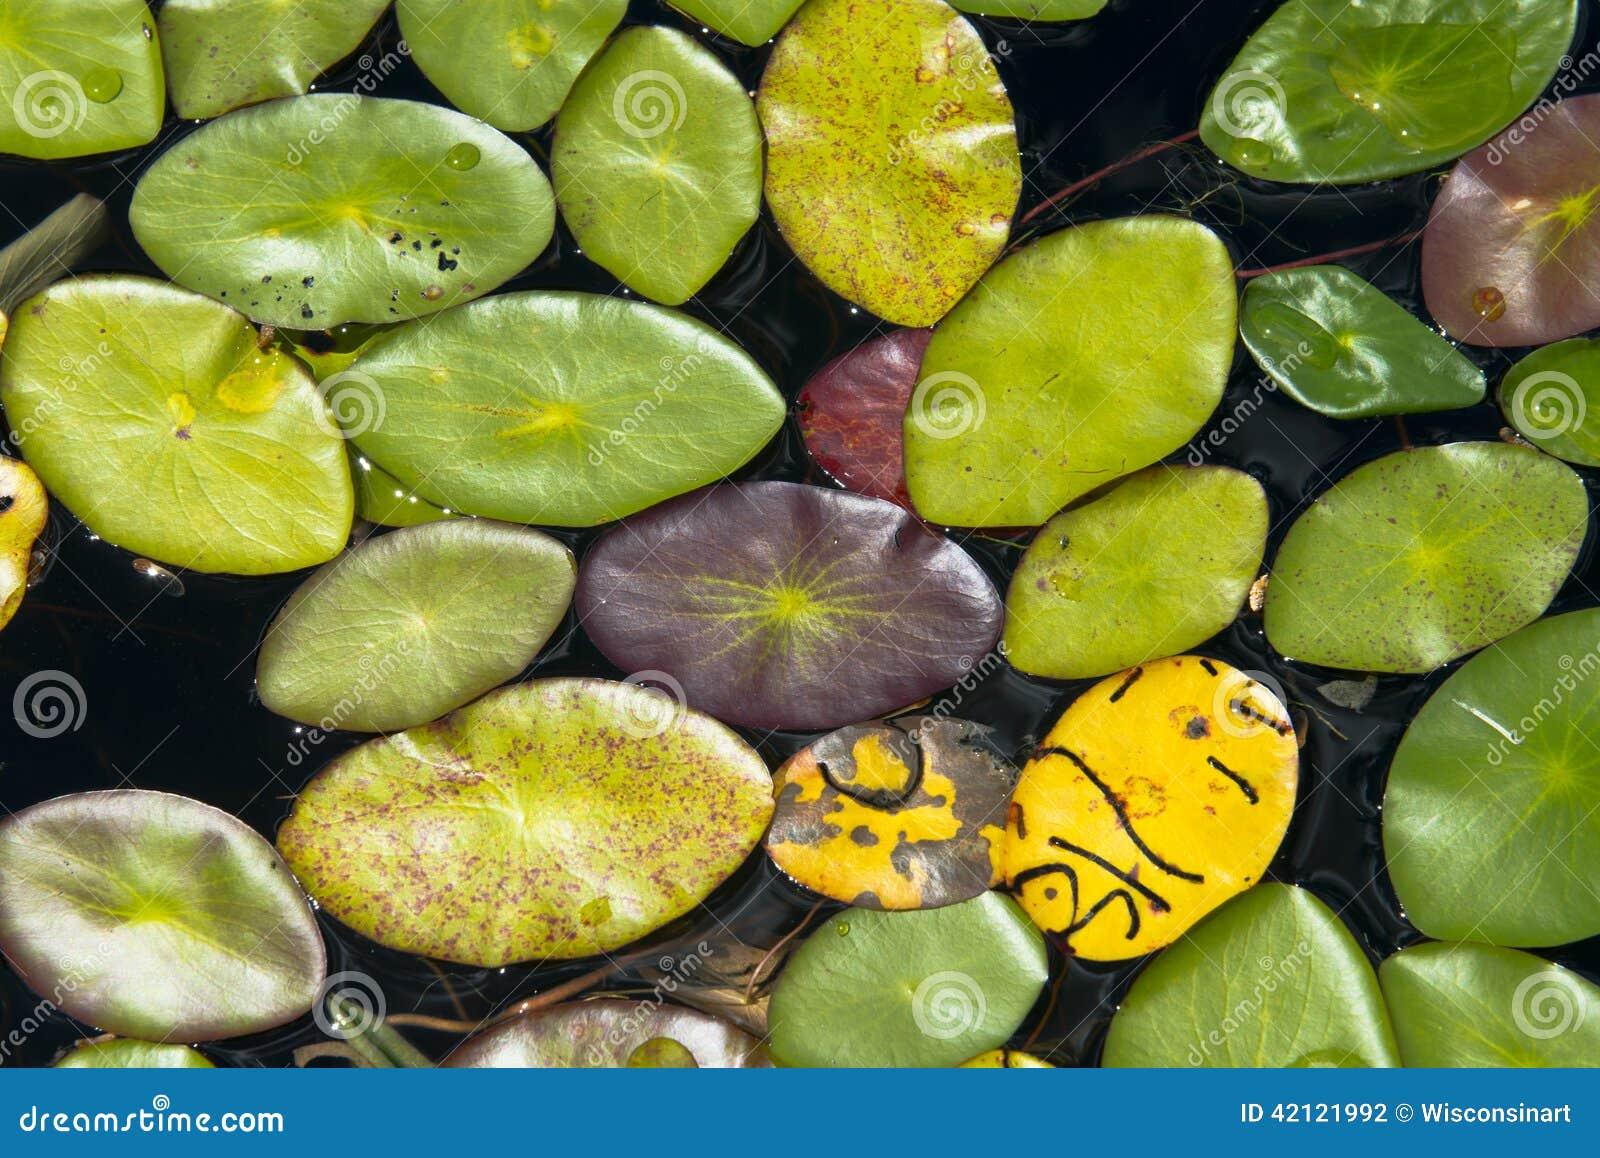 Abstrakter Hintergrund Lily Pads im See, Natur-Farben